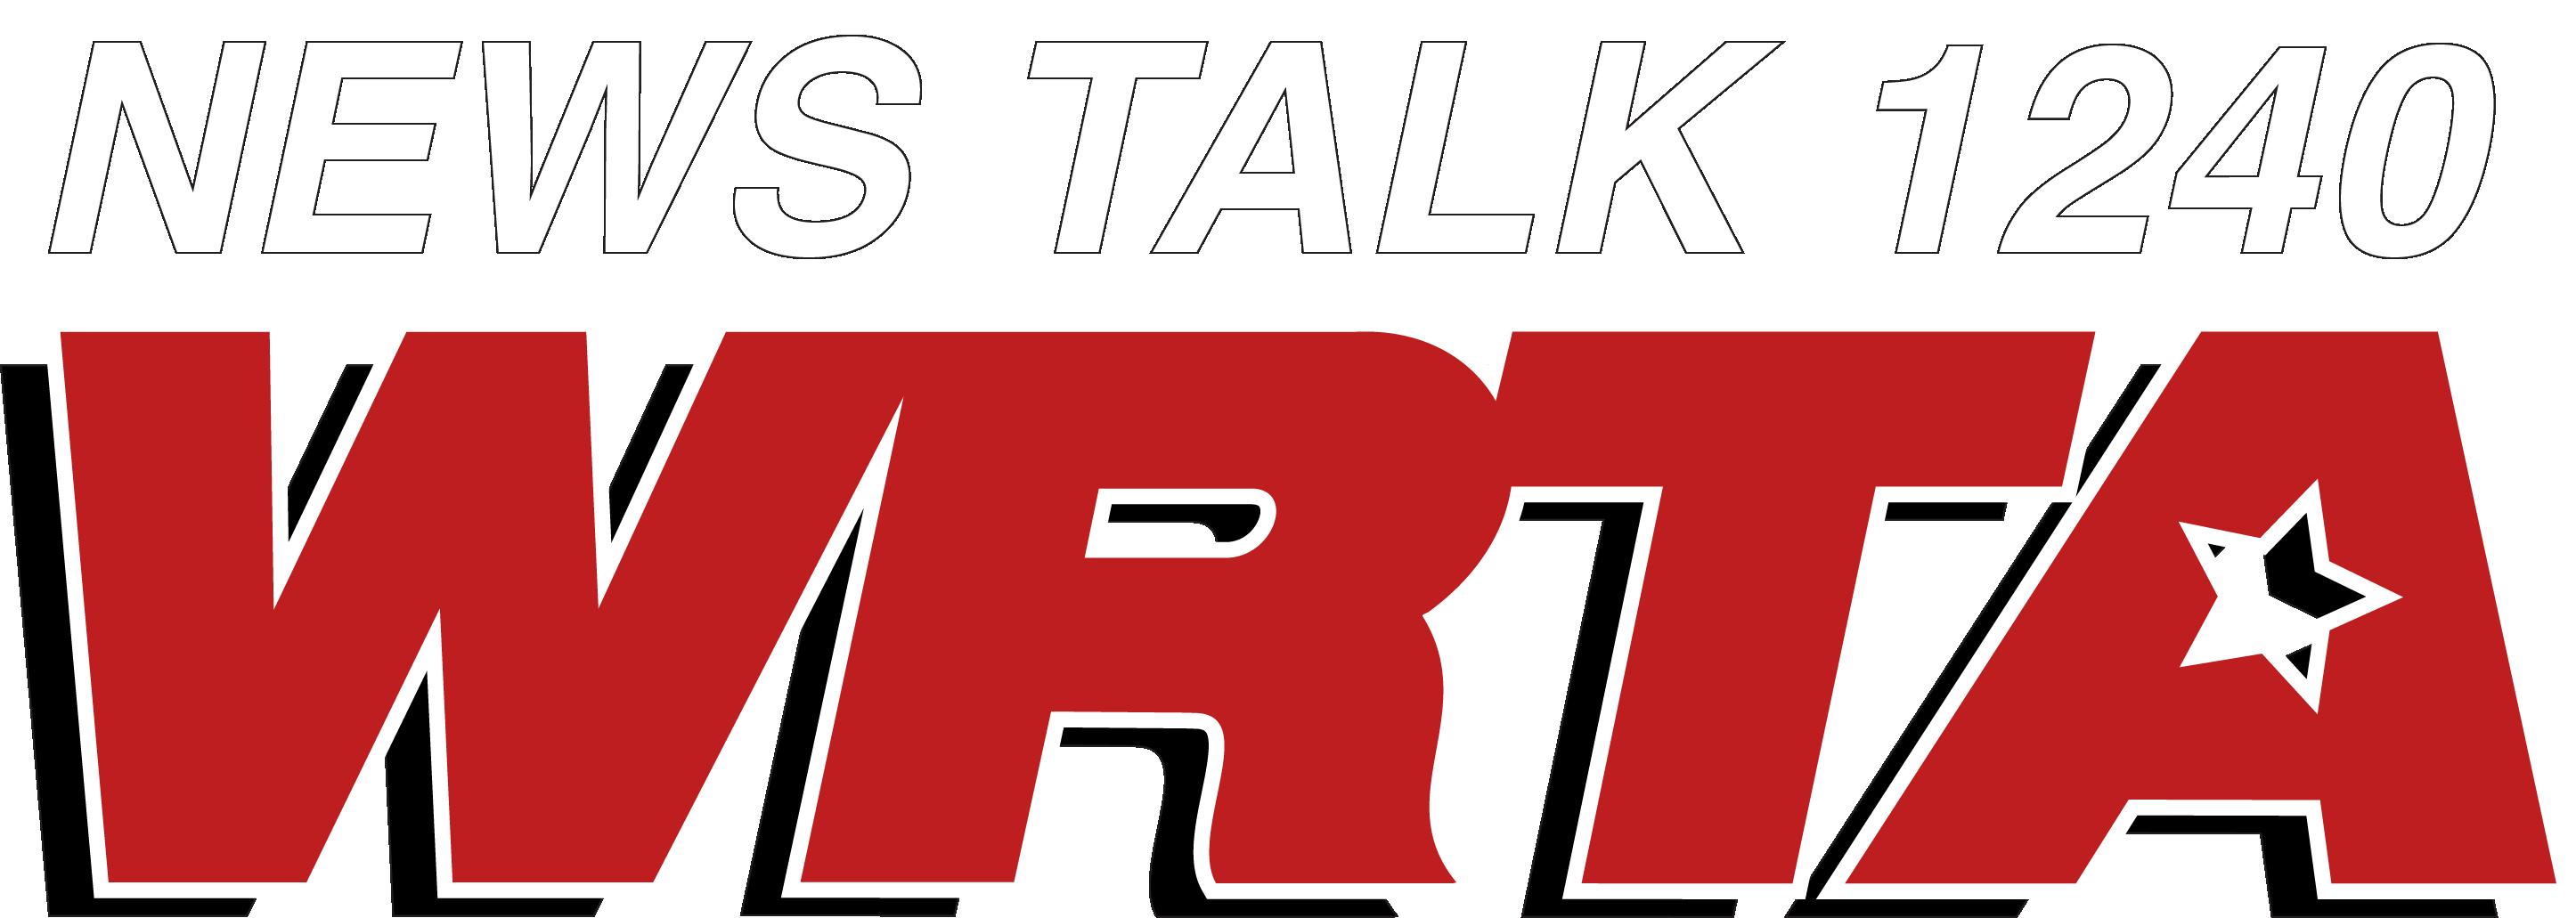 News - Talk WRTA